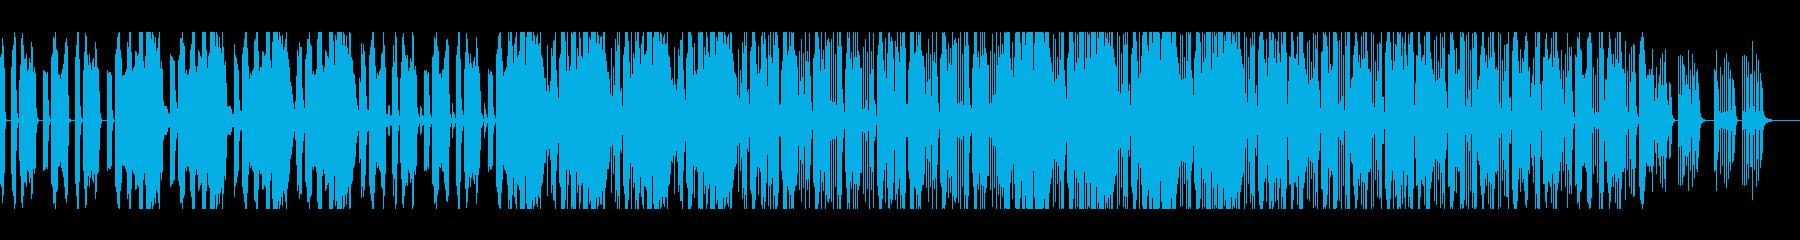 緊迫感のあるエレクトロニカの再生済みの波形